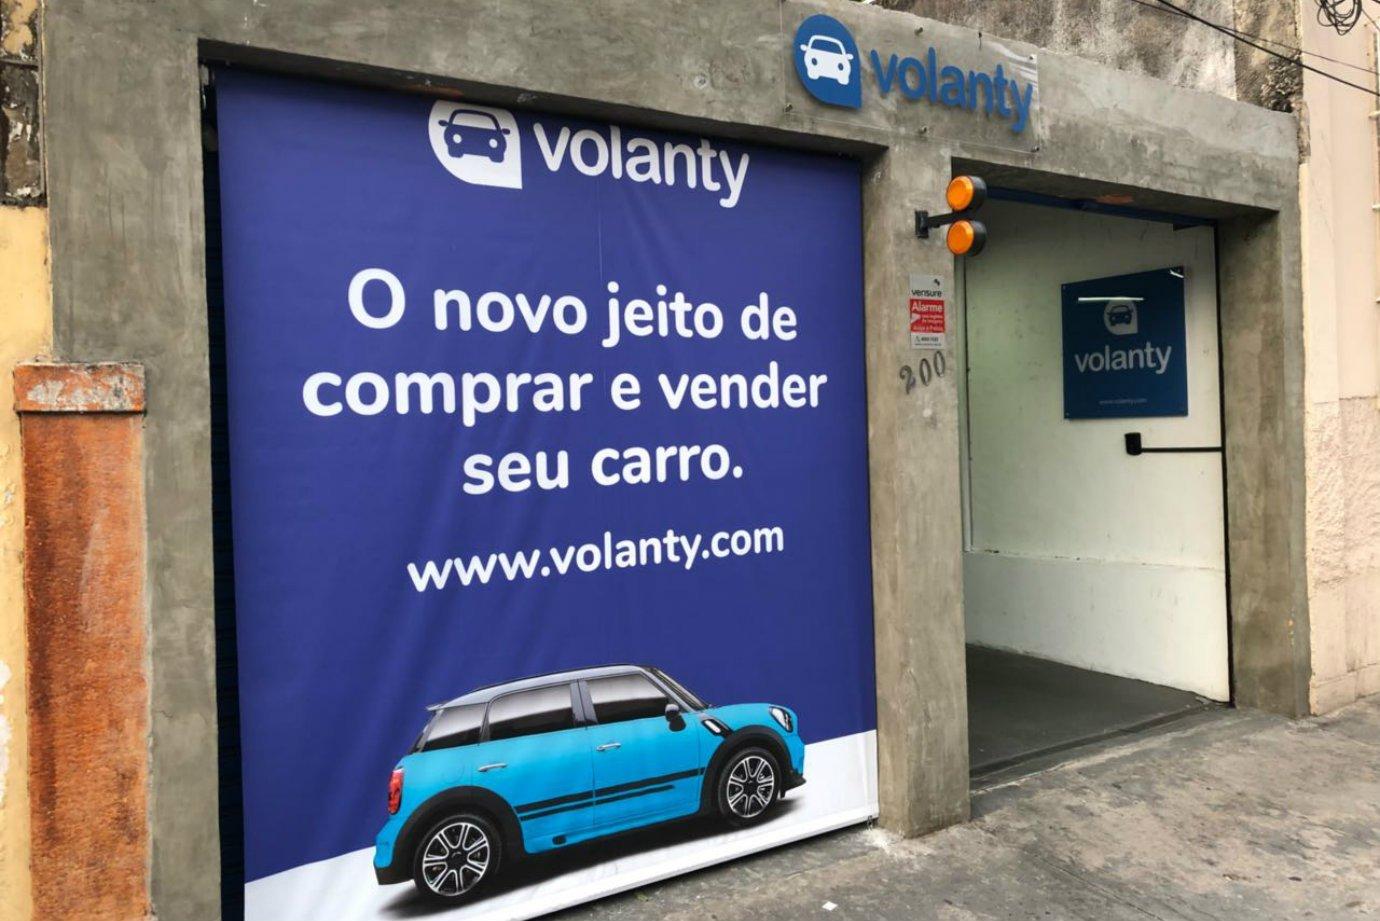 Centro de inspeção da Volanty